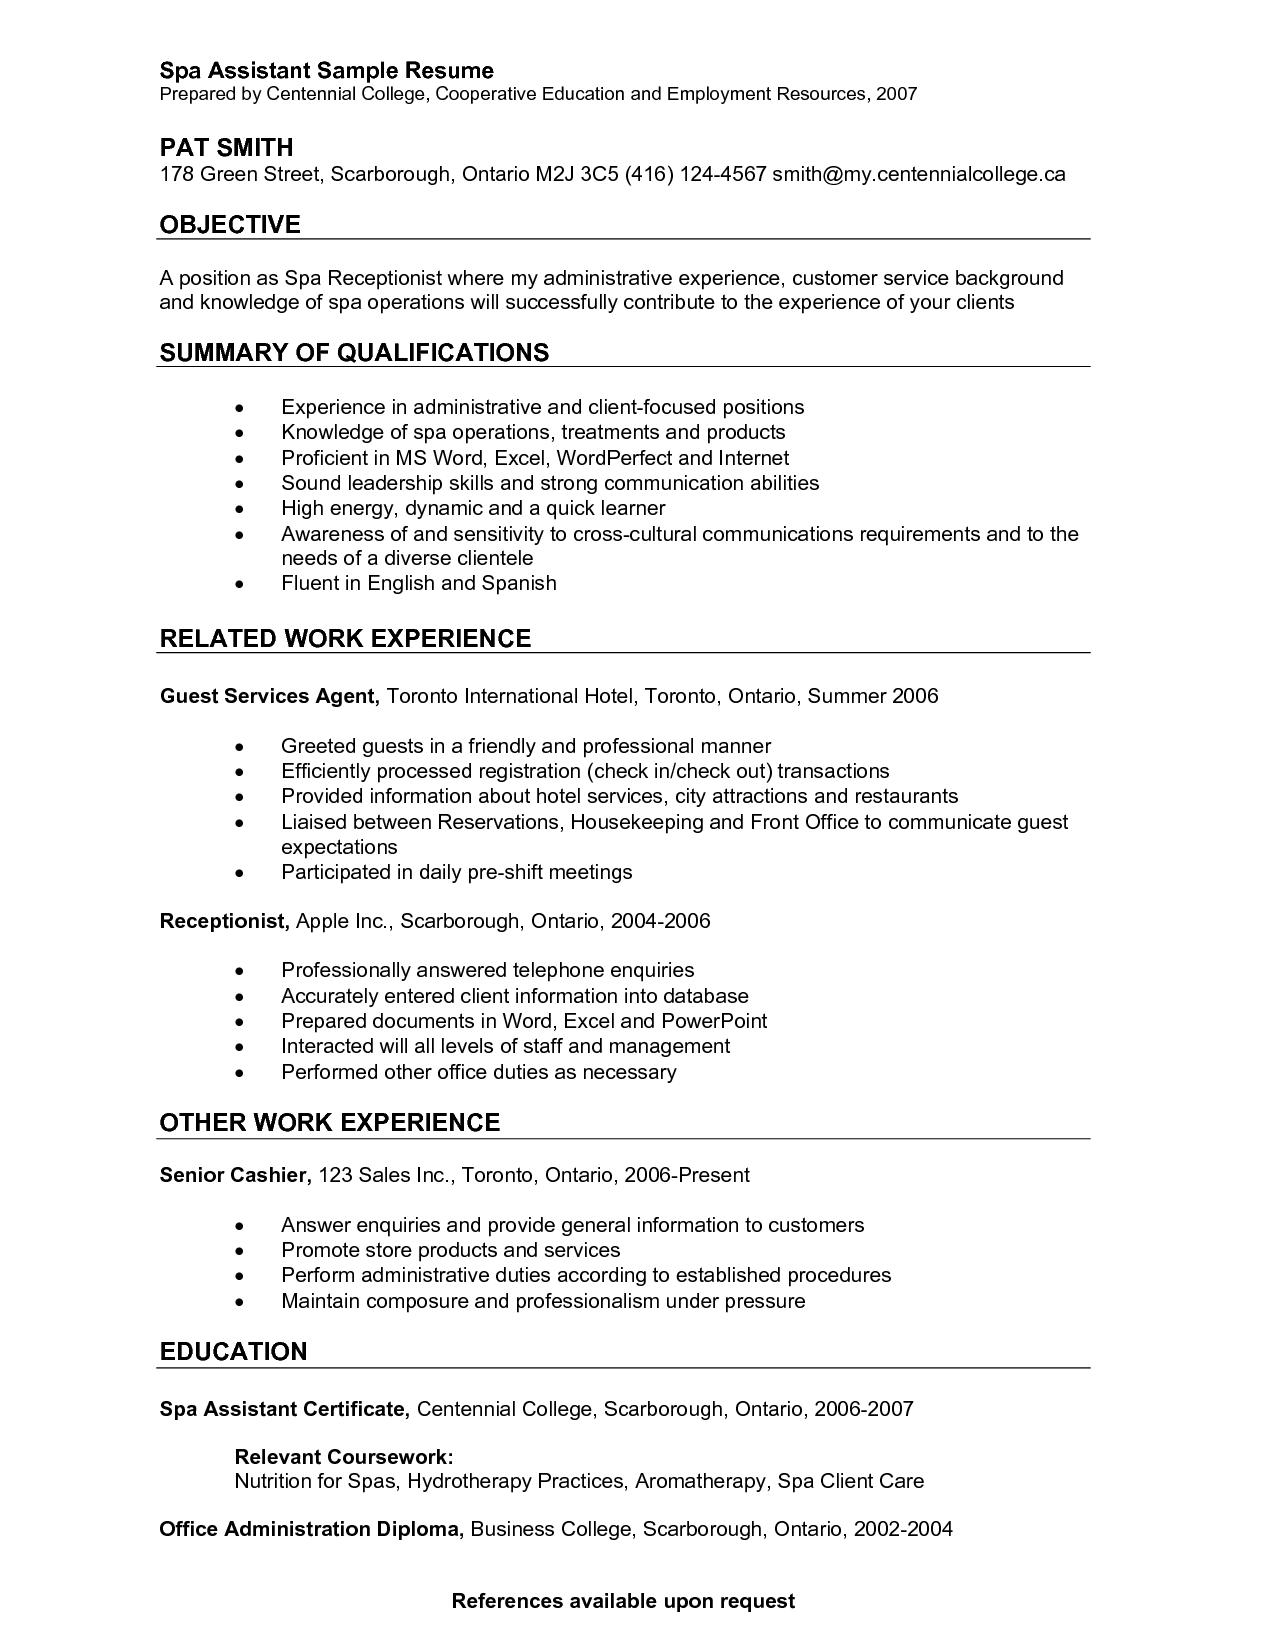 Medical Receptionist Resume Objective Samples Medical